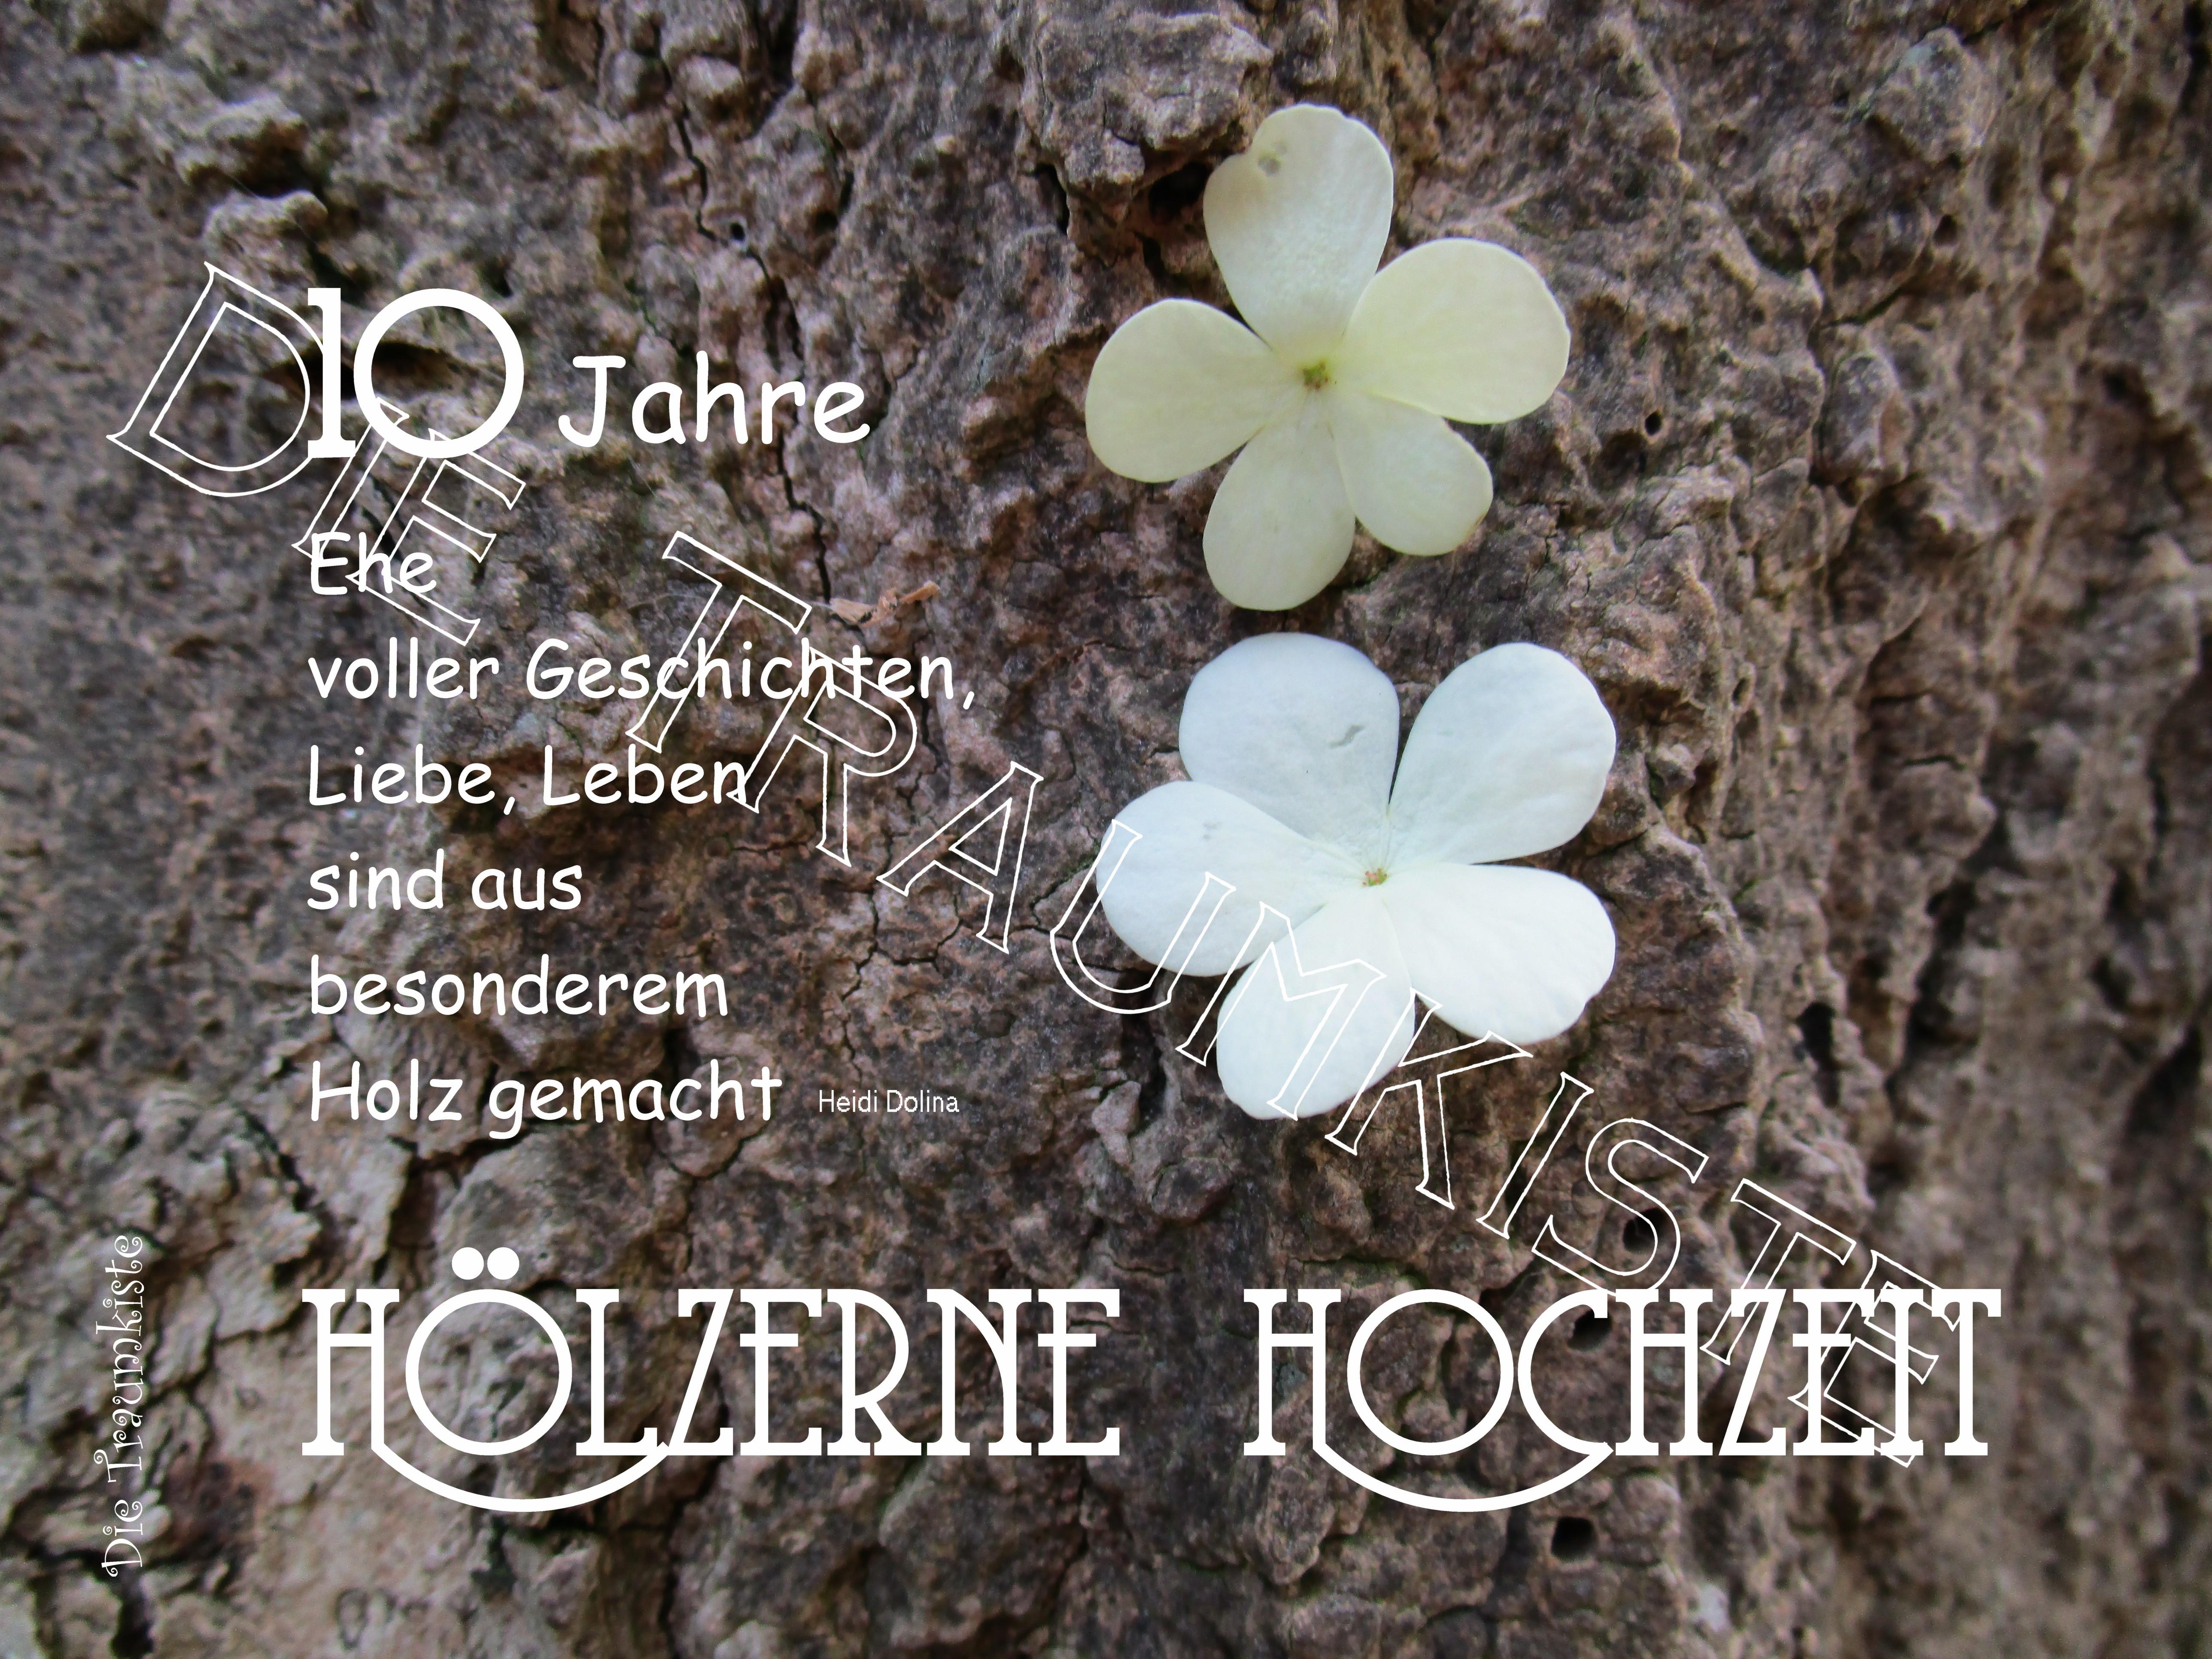 Glückwünsche Zum 10. Hochzeitstag Hölzerne Hochzeit  Glückwünsche Hölzerne Hochzeit